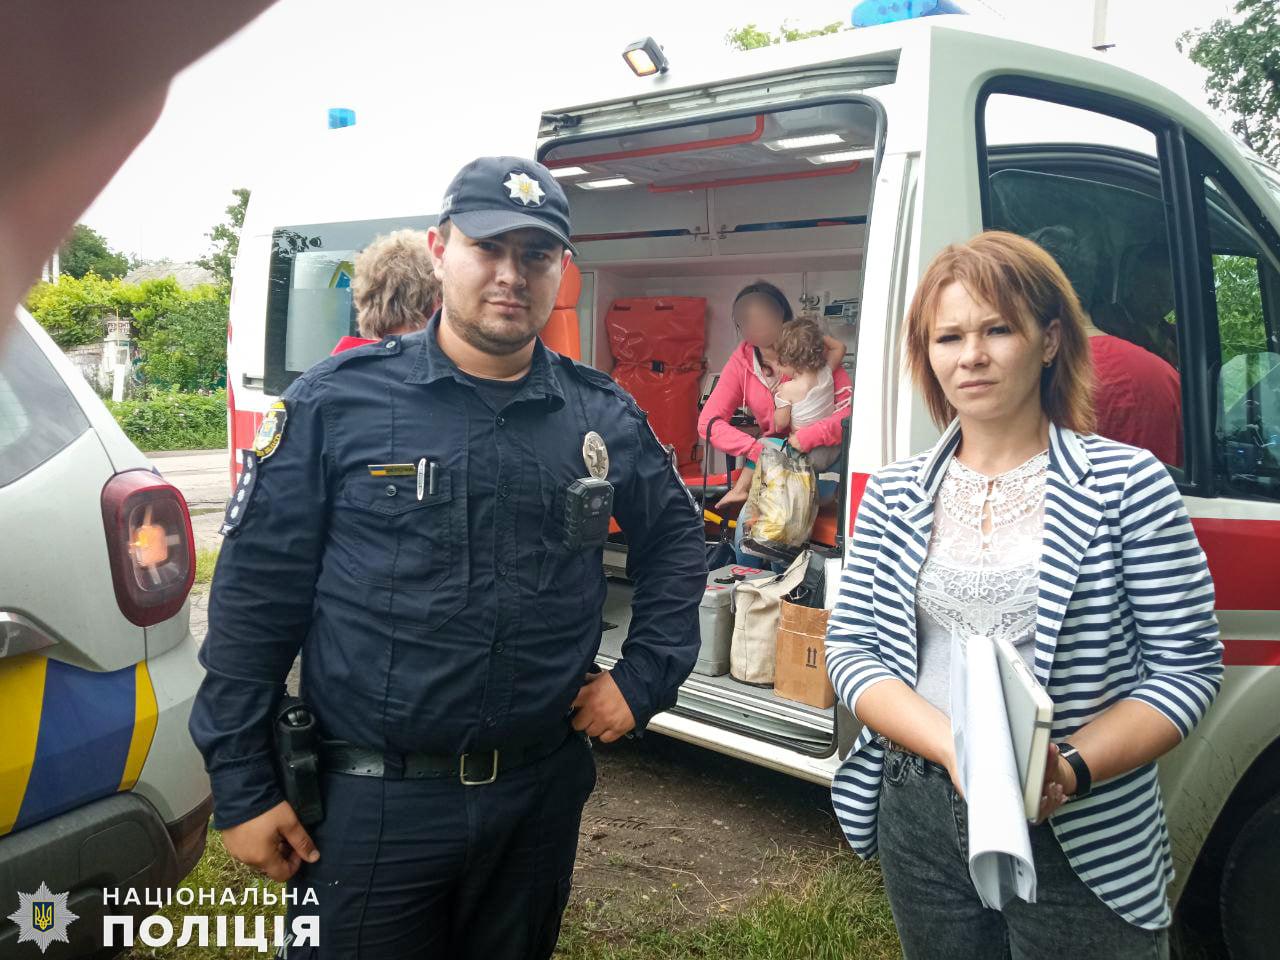 Під Миколаєвом 2-річна дівчинка вилила на себе окріп: мати вирішила не лікувати дитину